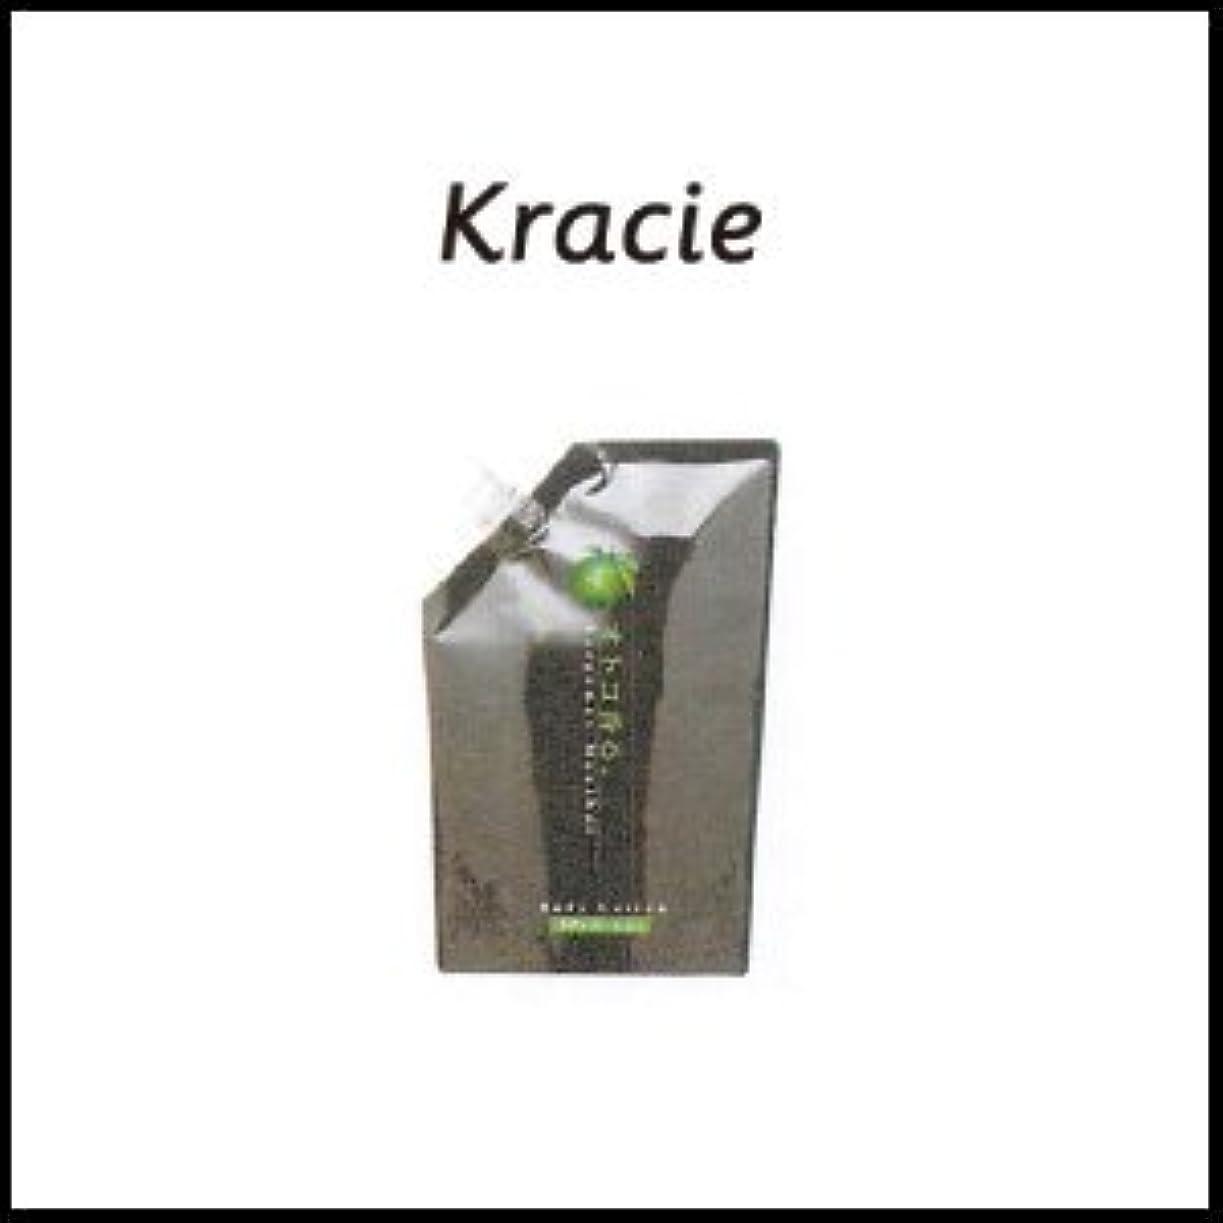 欺く引き潮優れたクラシエ オトコ香る ボディローション(ベルガモット) 500ml 詰替え用(レフィル)